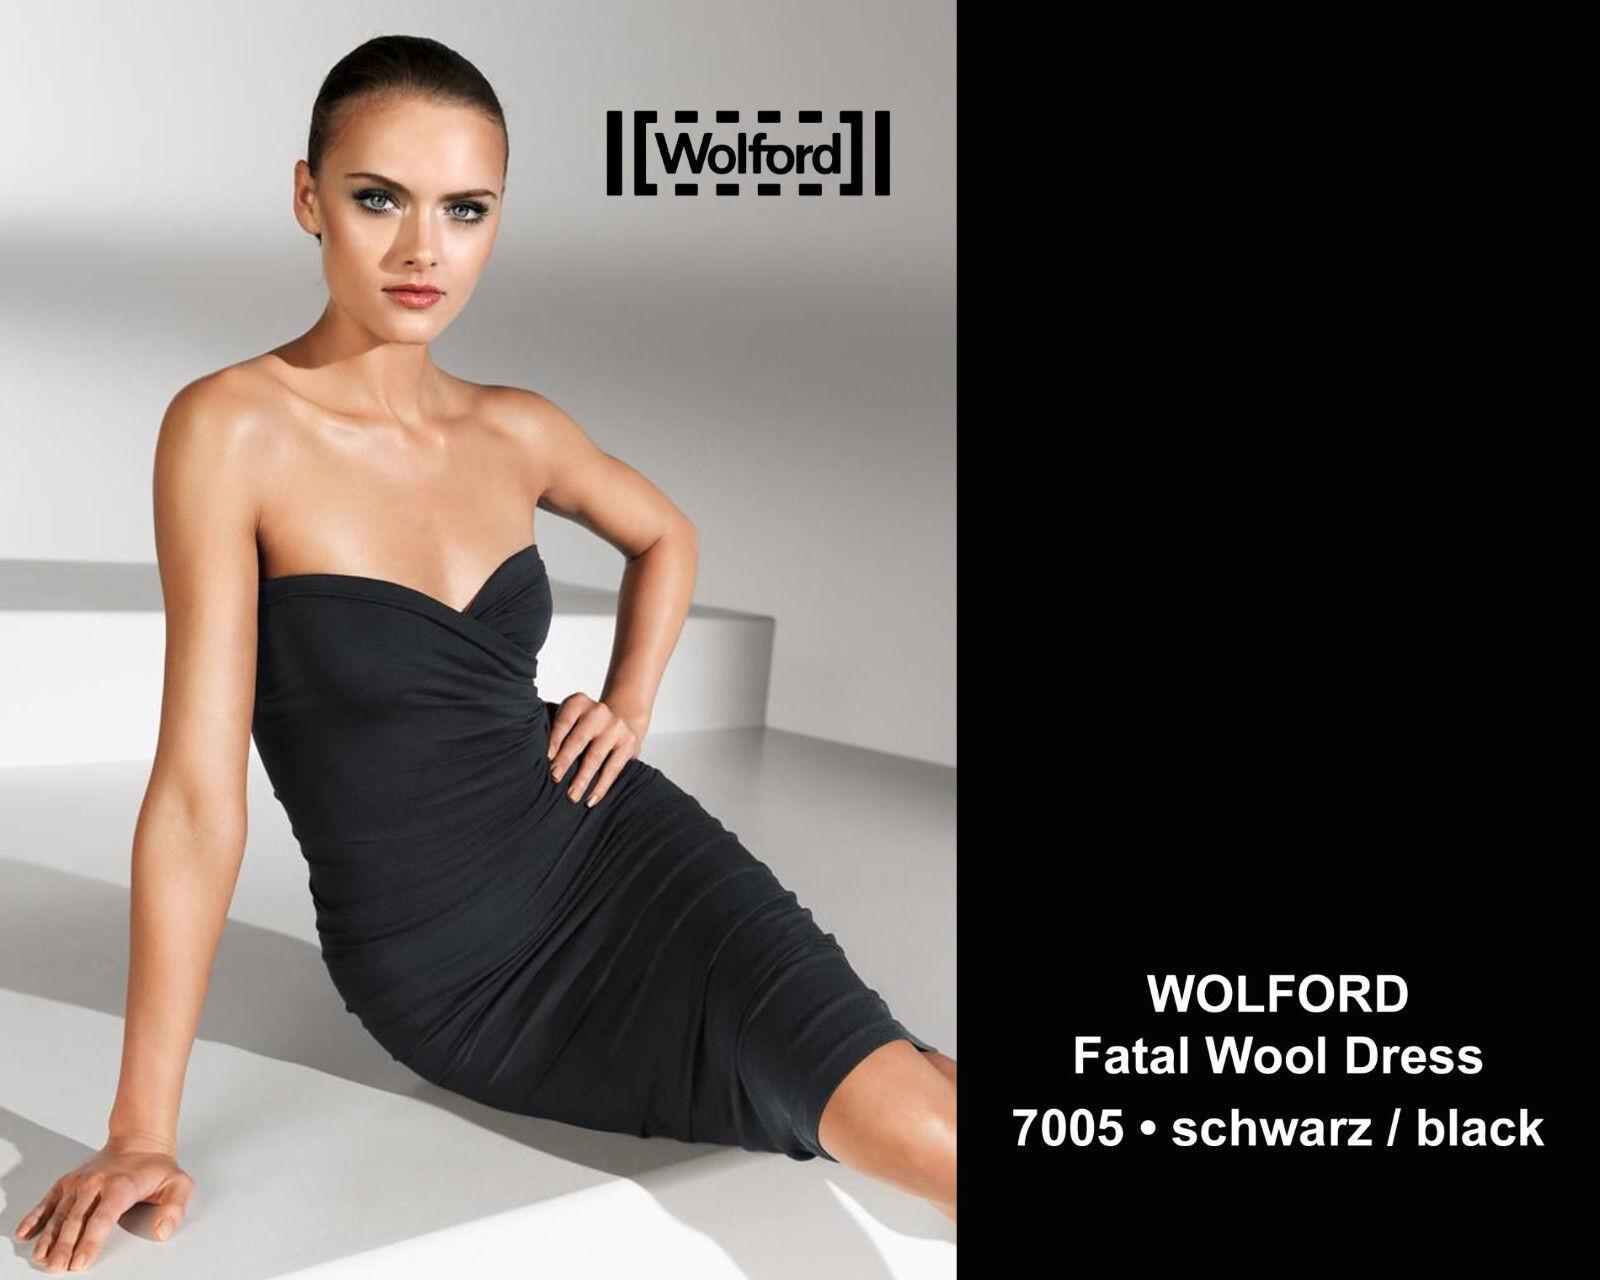 Wolford FATAL WOOL DRESS • schwarz •    ... Kleid aus sagenhaft weicher Wolle